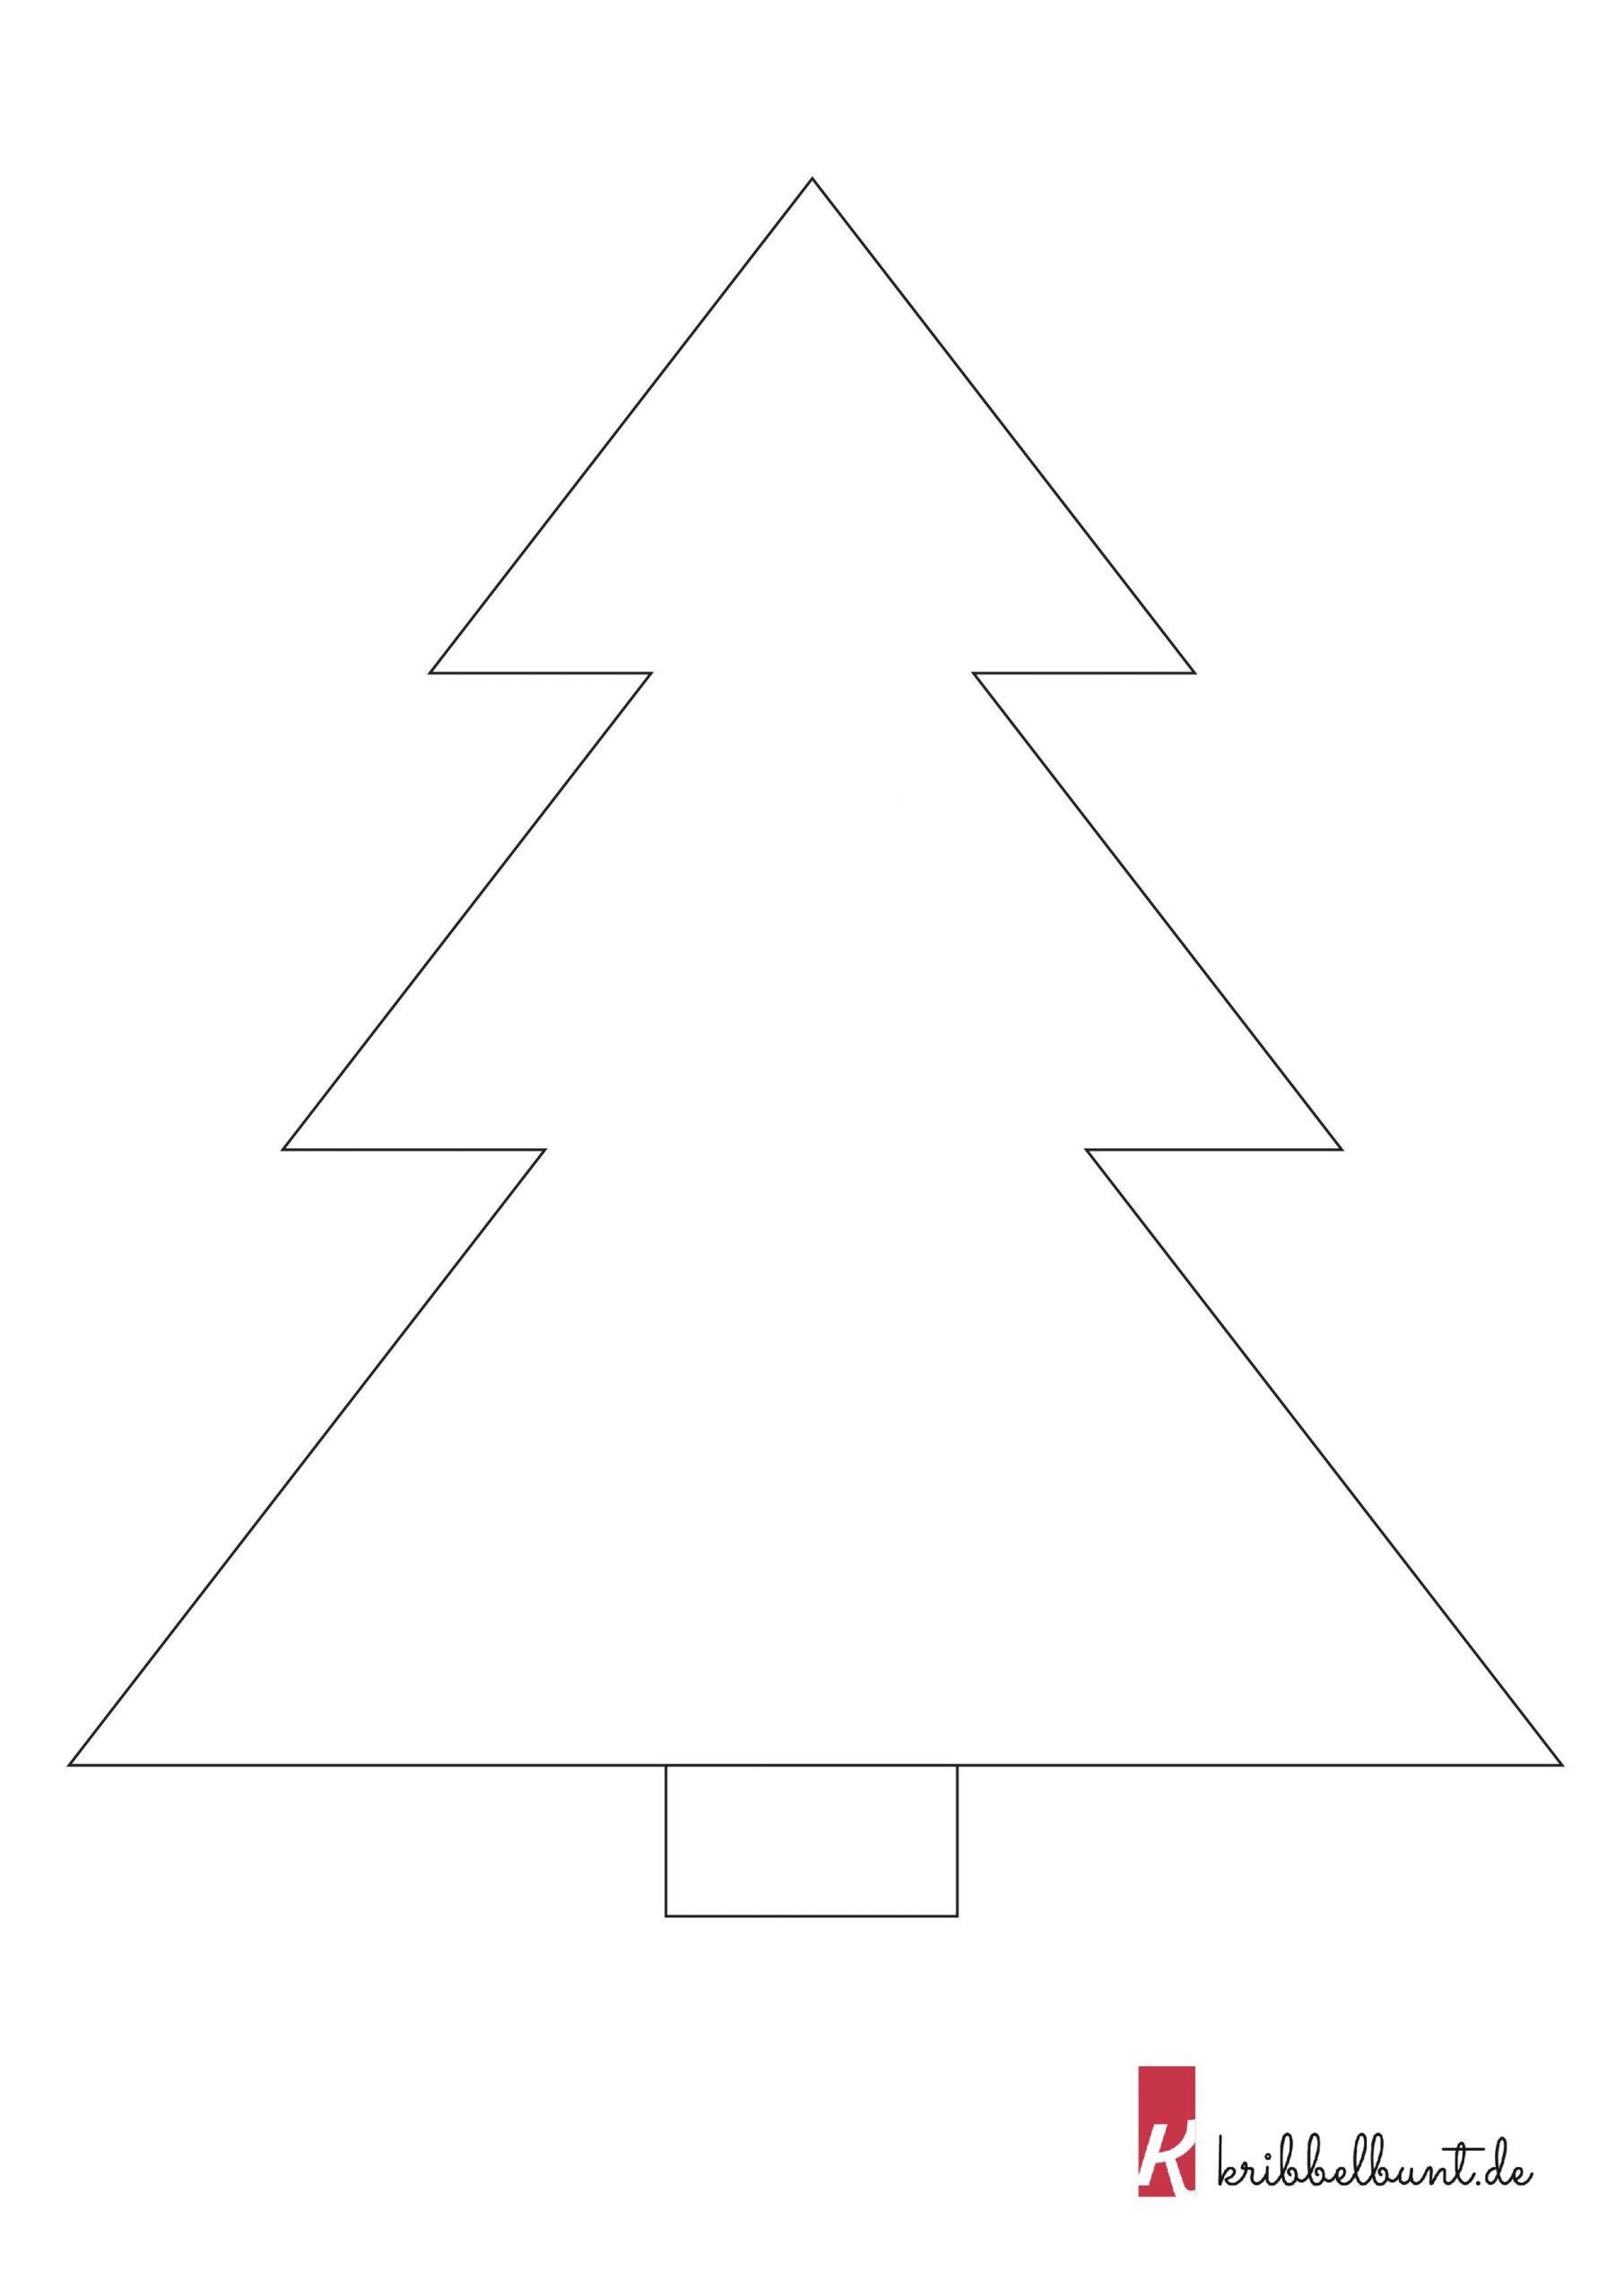 Tannenbaum Vorlage (Mit Bildern) | Tannenbaum Vorlage ganzes Vorlage Tannenbaum Basteln